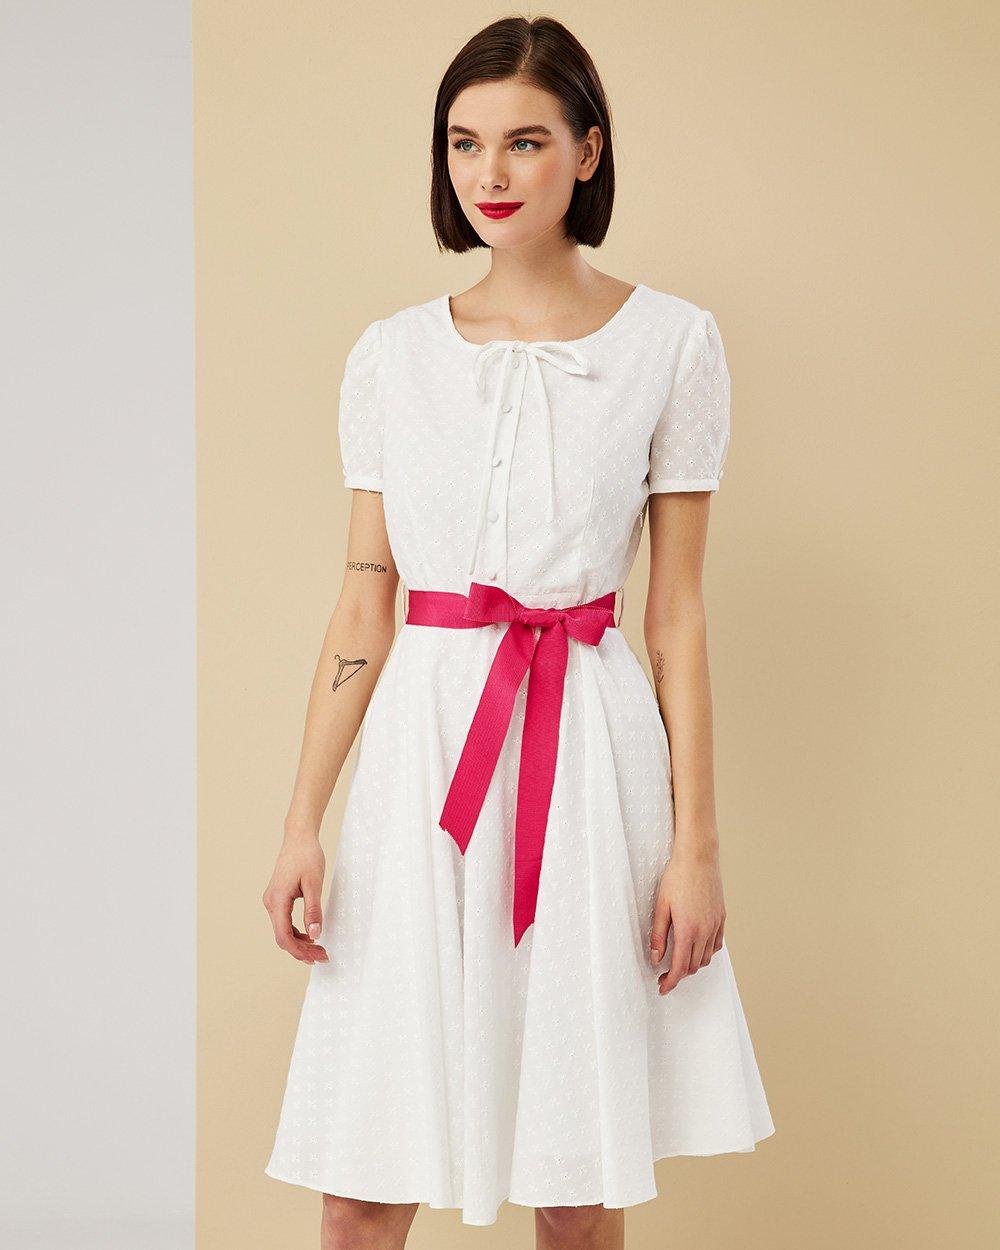 Φόρεμα ebroderie με φούξια ζώνη